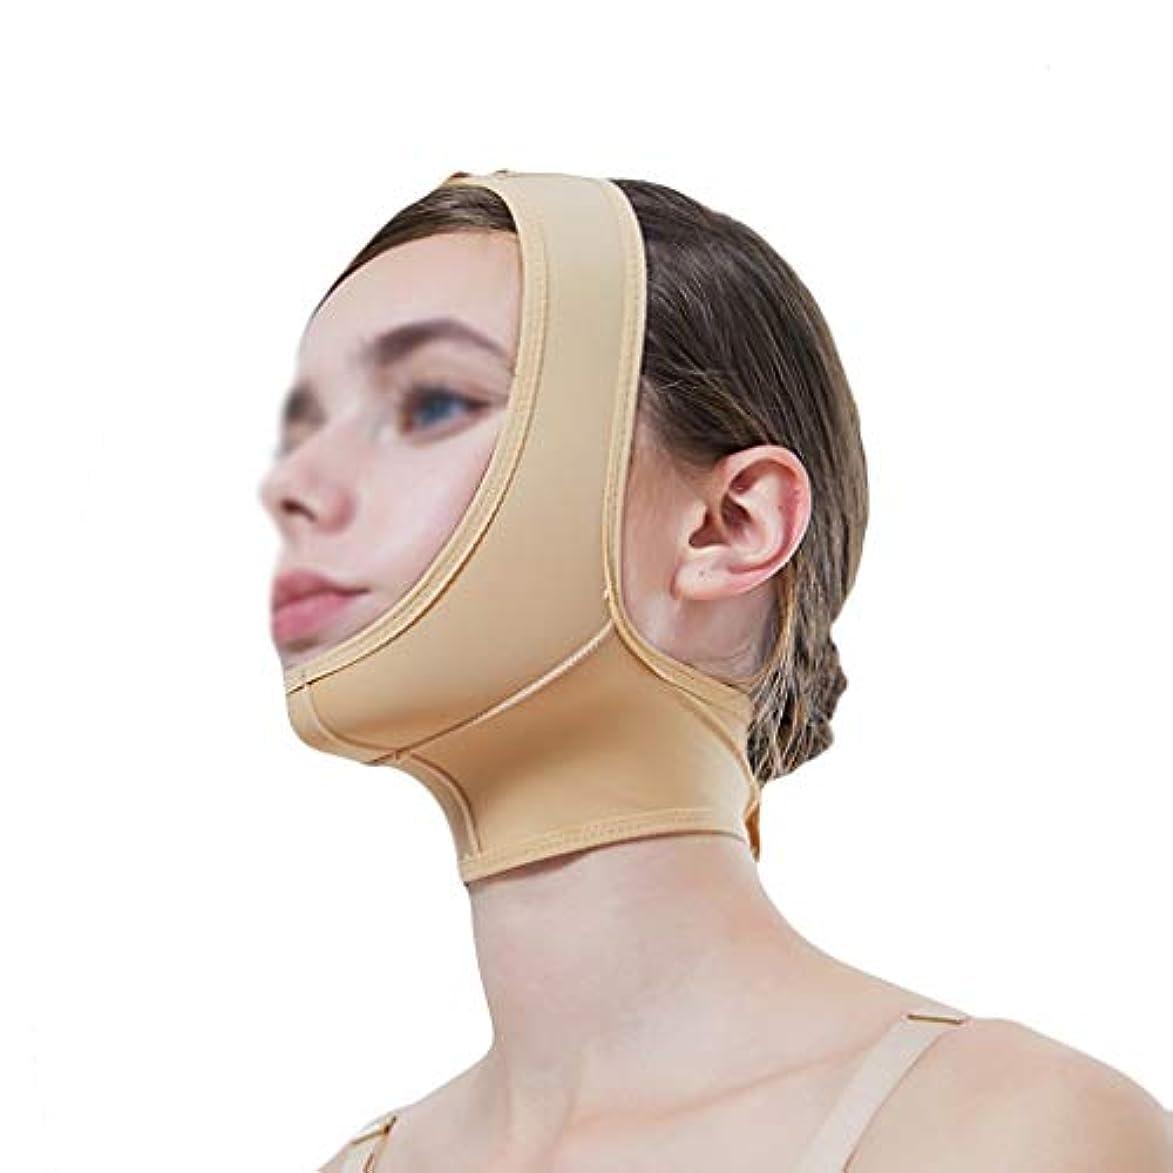 ボウルバトル浸透するマスク、超薄型ベルト、フェイスリフティングに適しています、フェイスリフティング、通気性包帯、チンリフティングベルト、超薄型ベルト、通気性 (Size : XS)